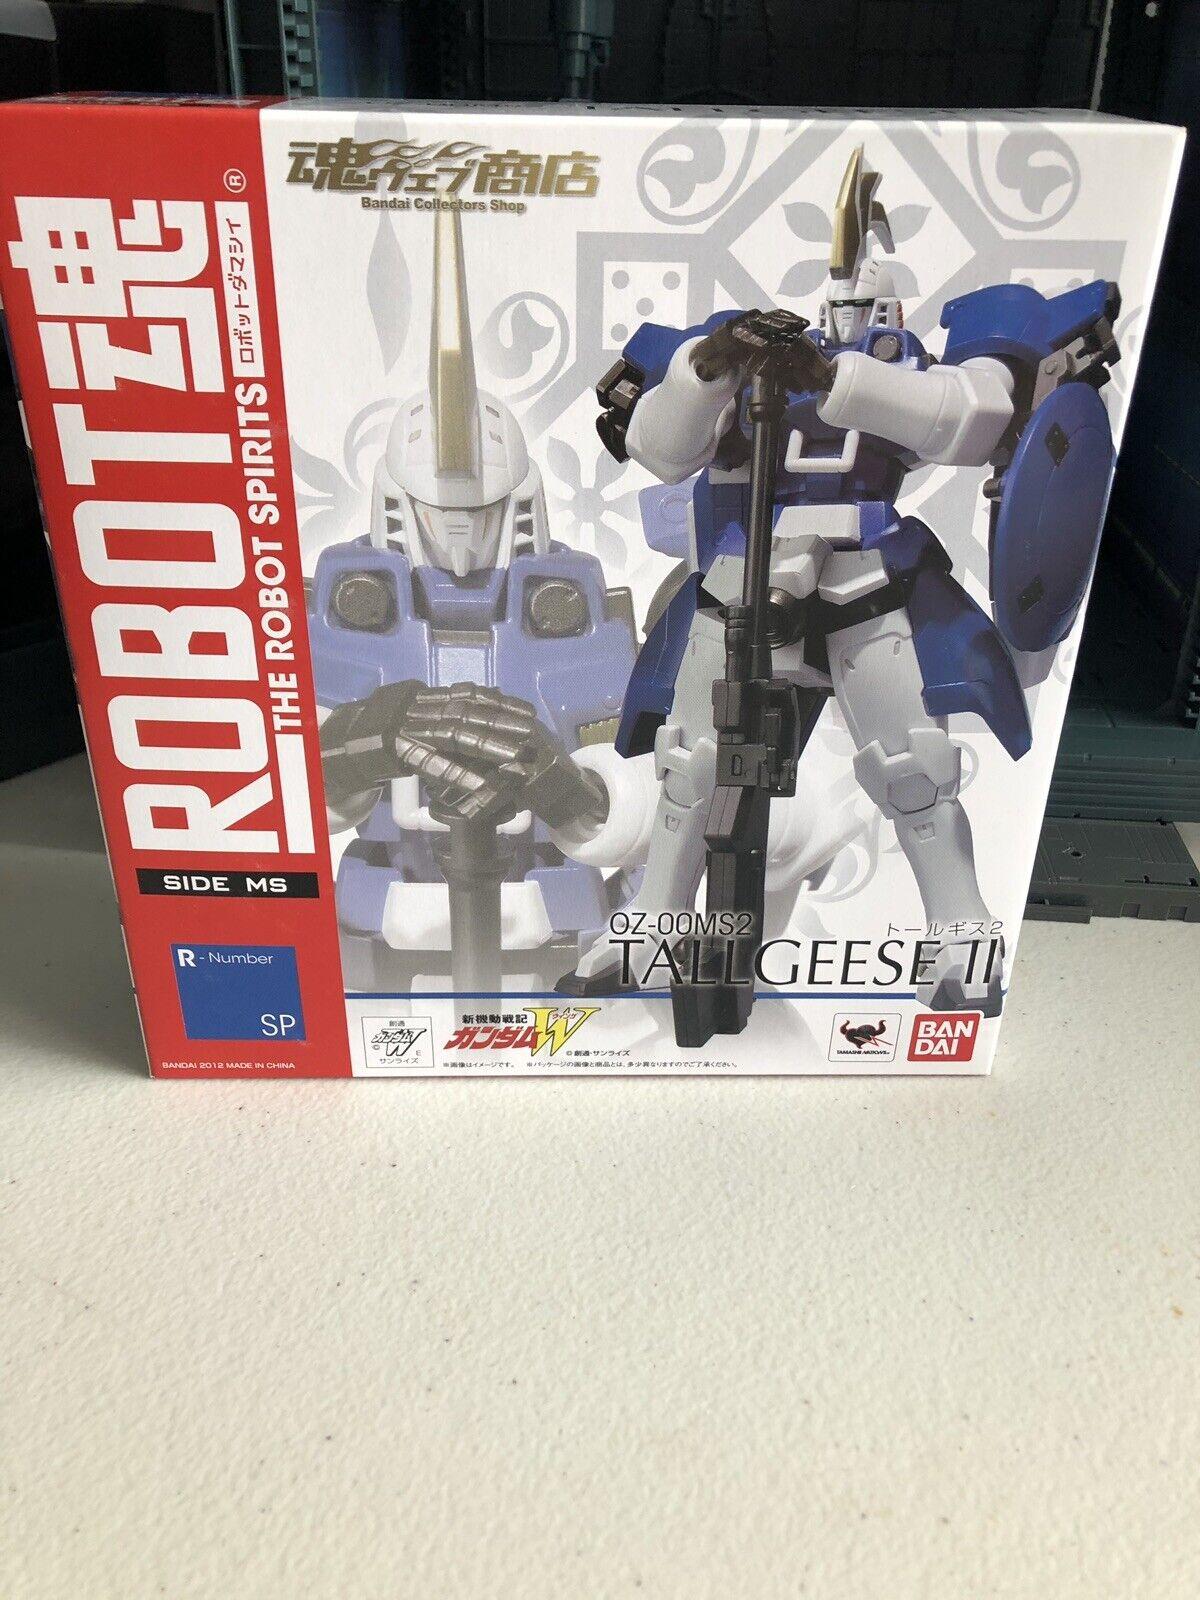 Bandai Robot Spirits Damashii anime Mobile Suit Gundam Tallgeese 2 Figura De Acción